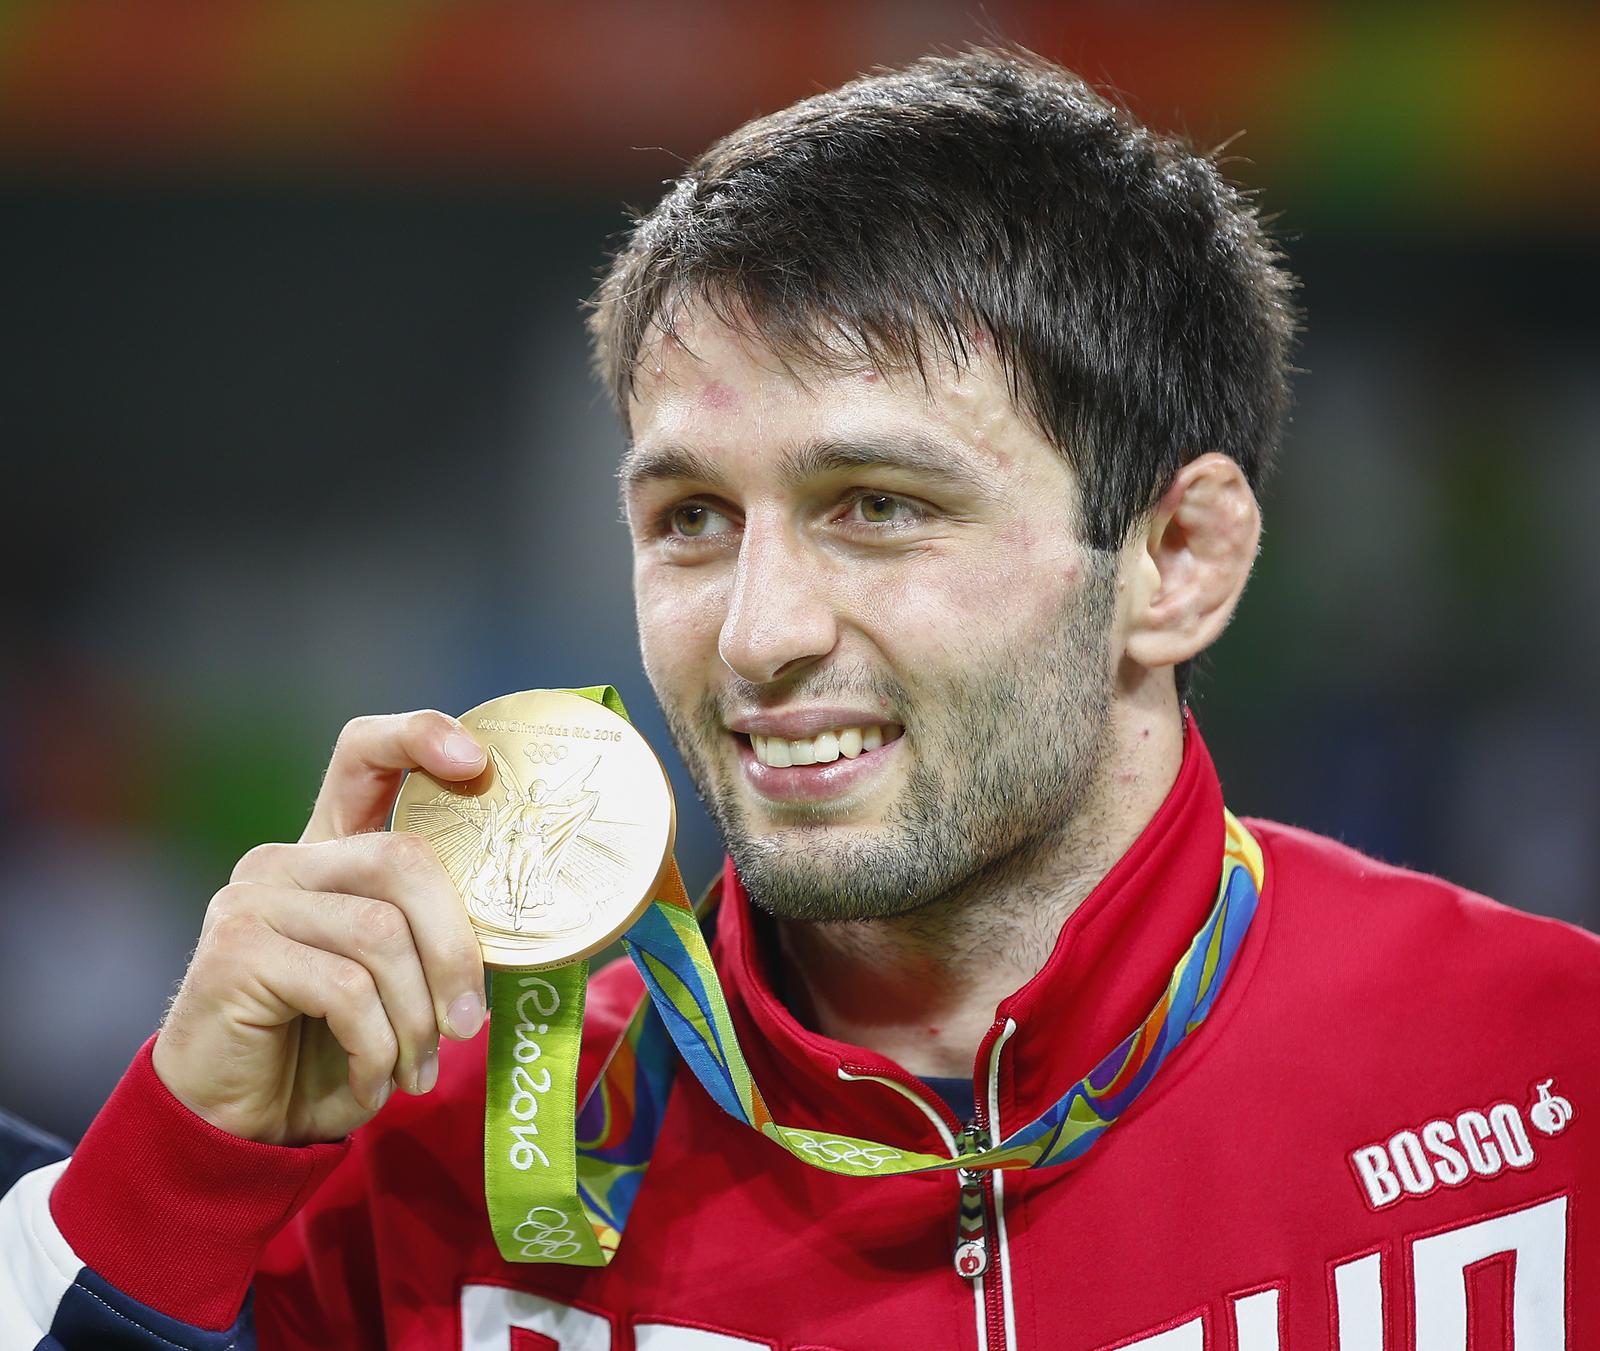 Борец Сослан Рамонов завоевал в последний день Олимпиады золотую медаль в своей весовой категории